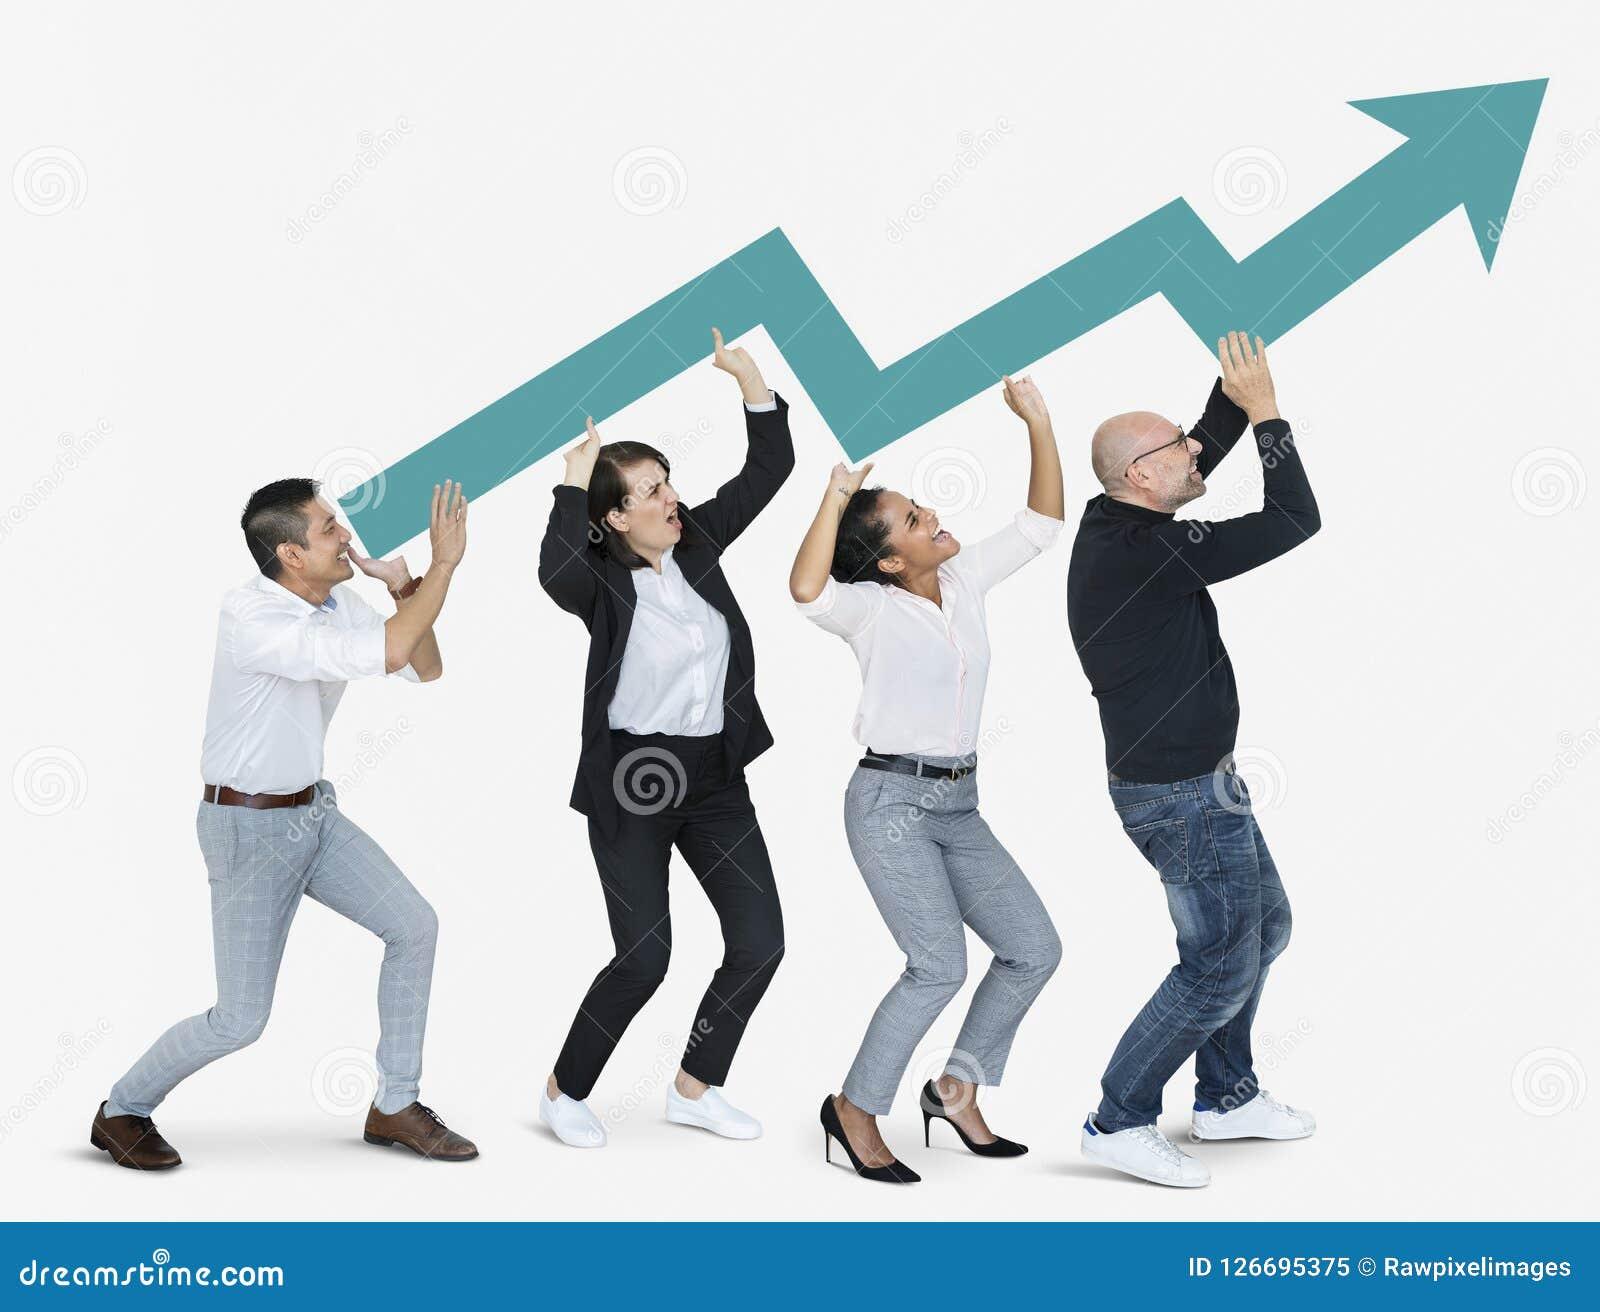 Bedrijfsmensen met een pijl die de groei tonen